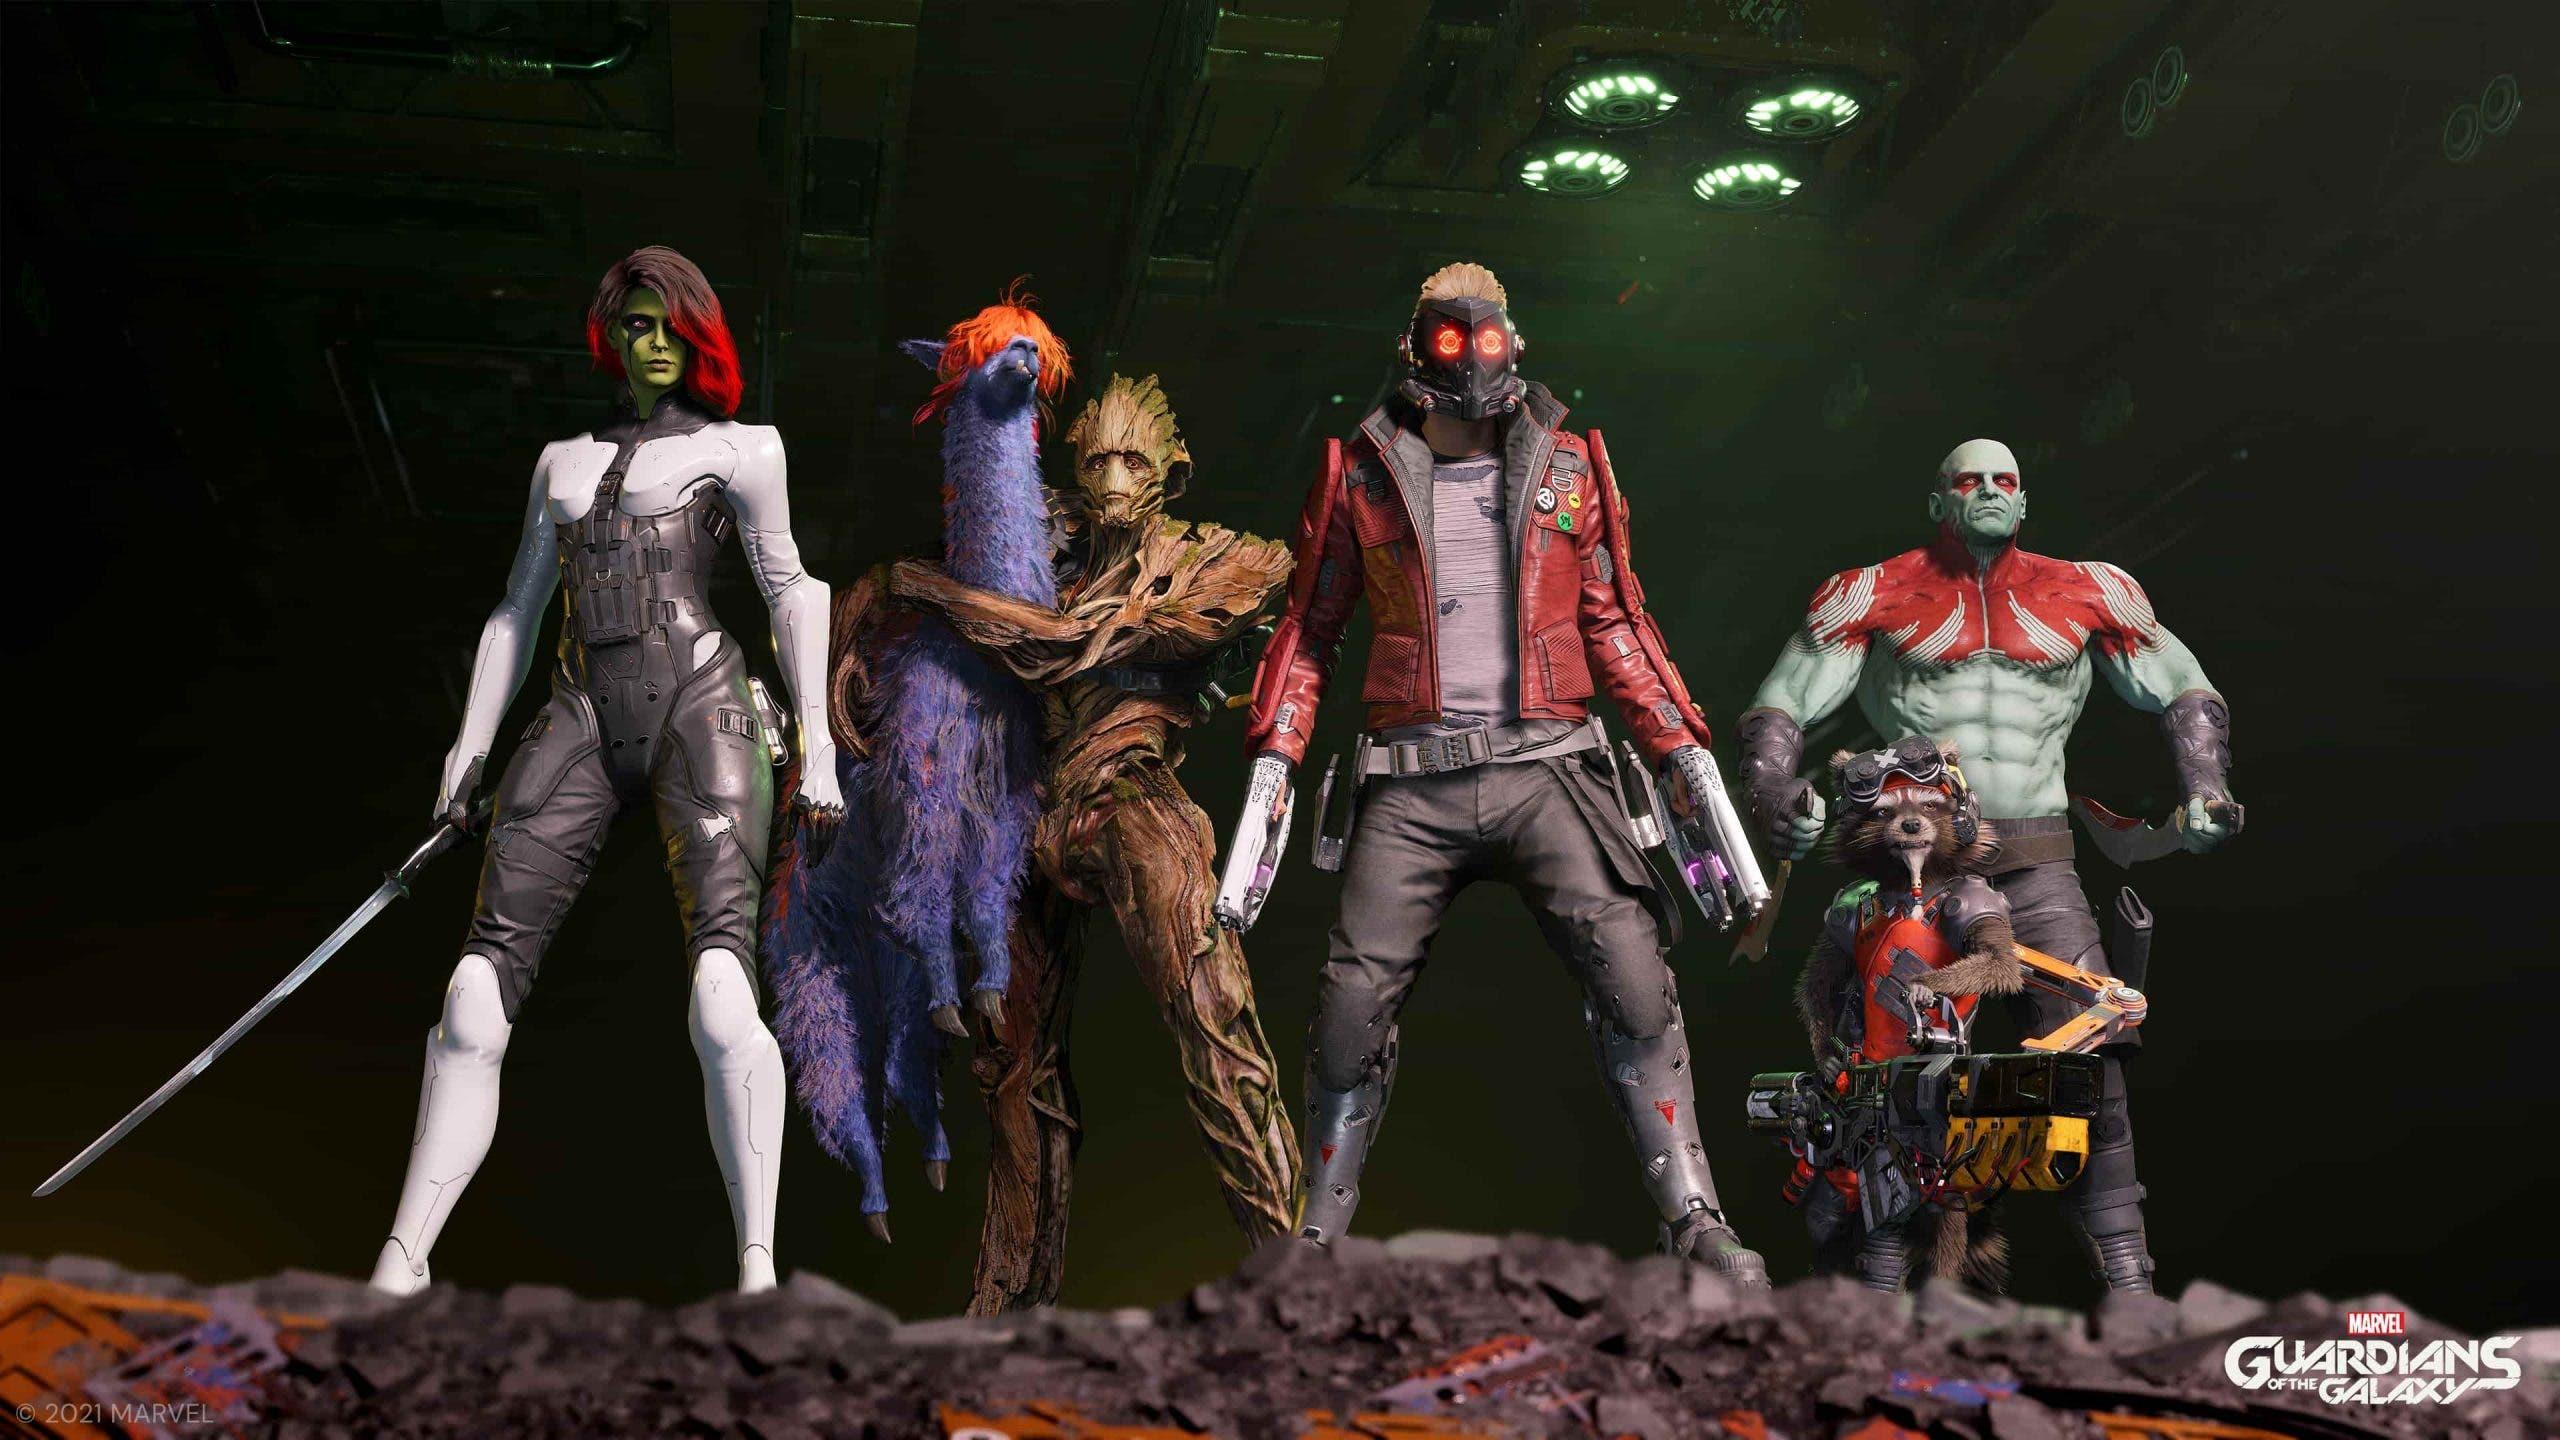 Guardians of the Galaxy no tendrá microtransacciones de ningún tipo, los desarrolladores explican por qué 3